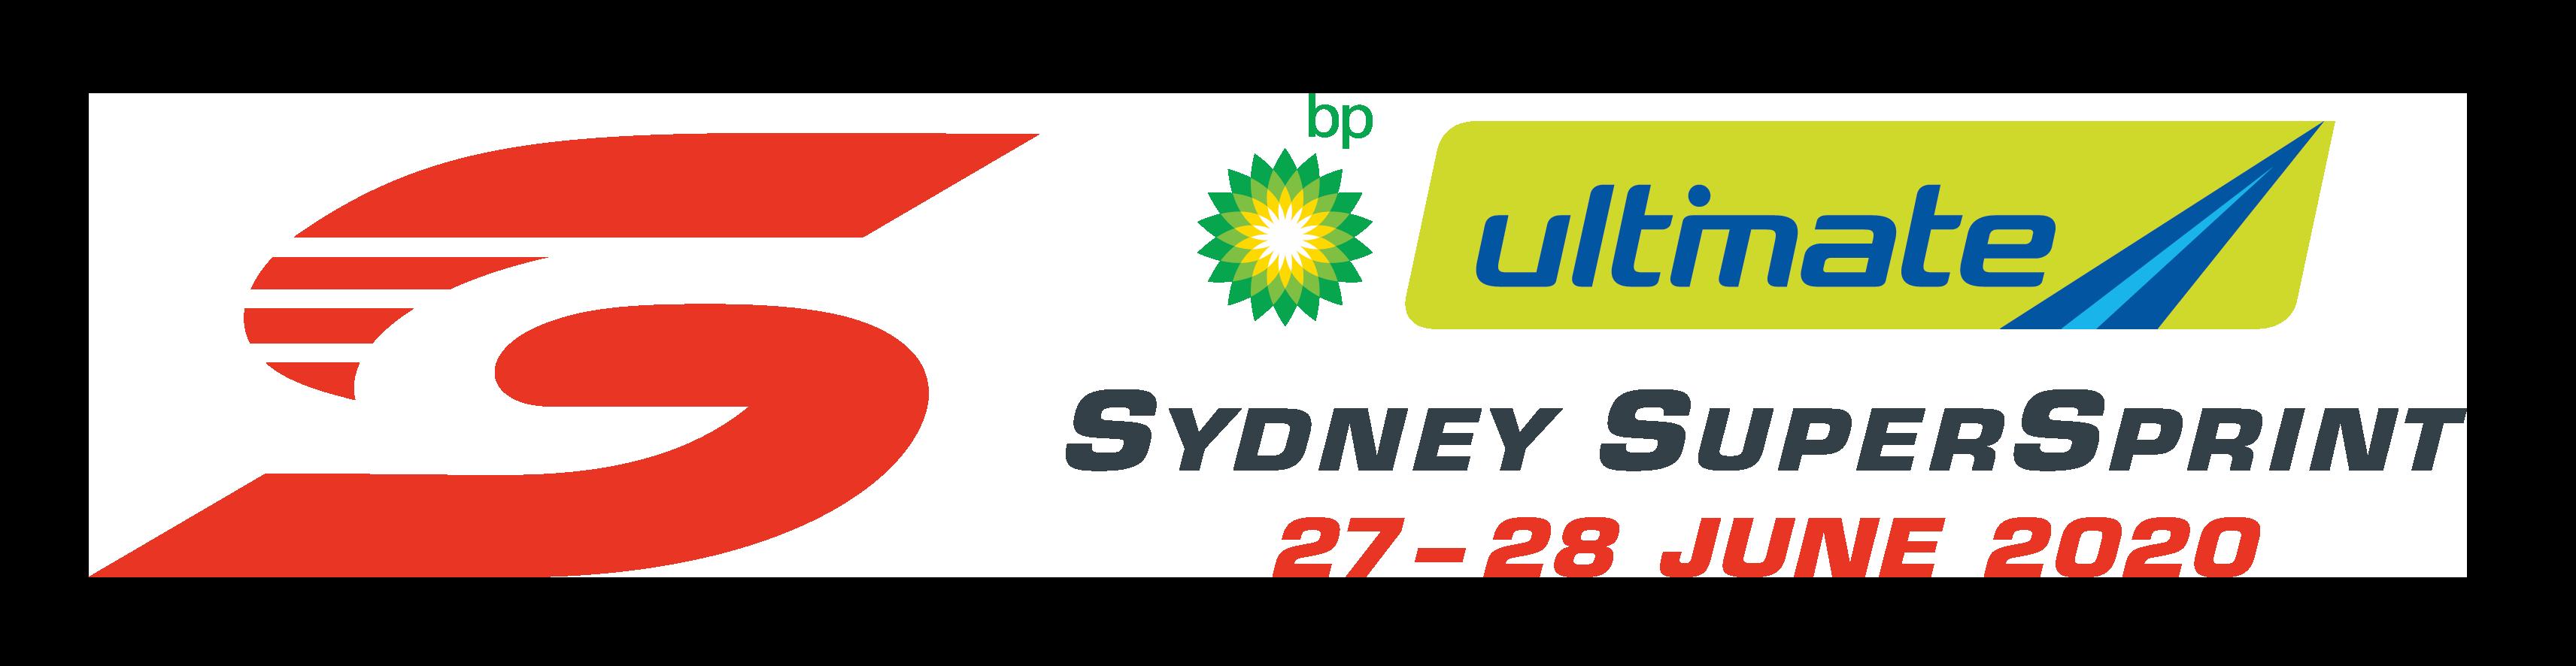 V8 Supercars - BP Ultimate Sydney SuperSprint logo